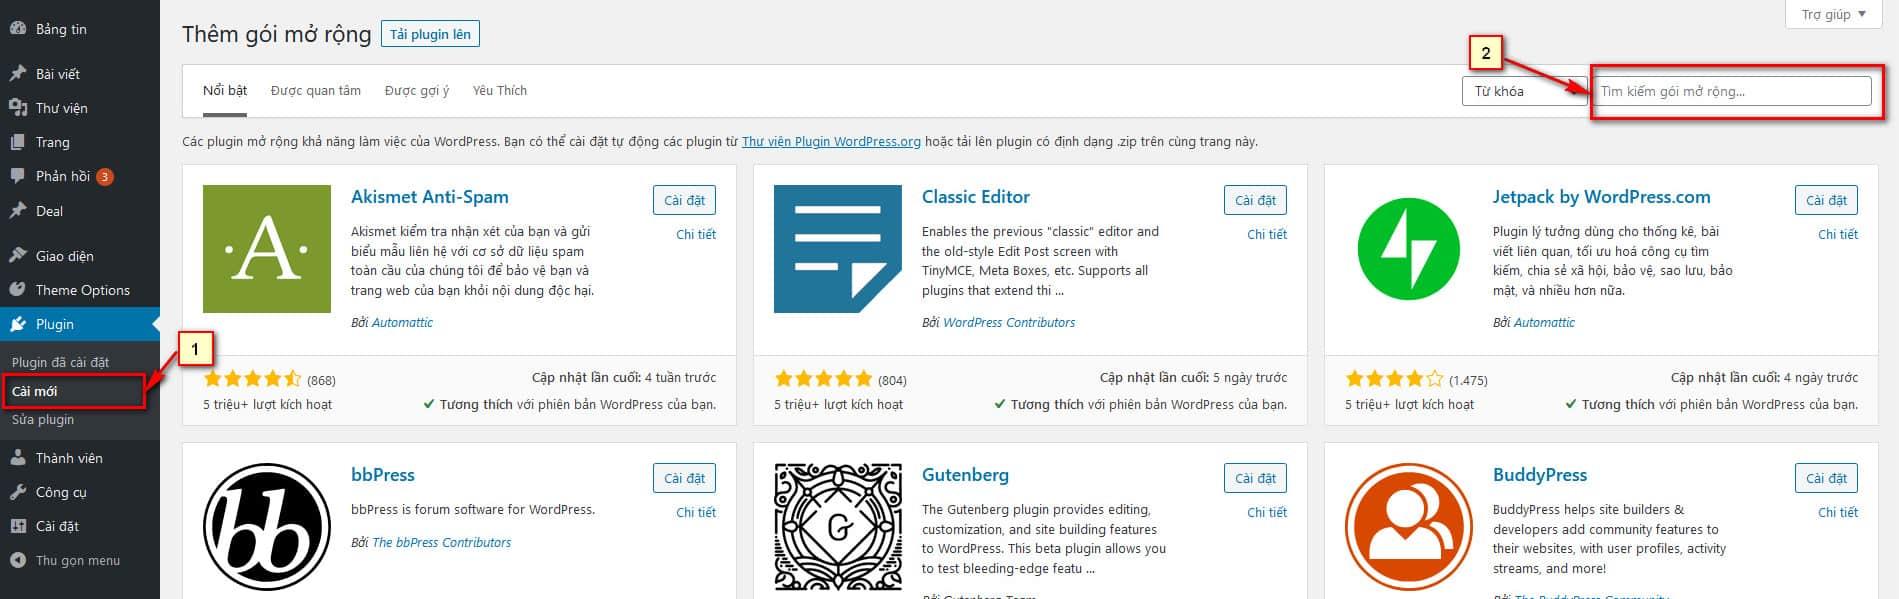 Hướng dẫn cài đặt Plugin trong WordPress